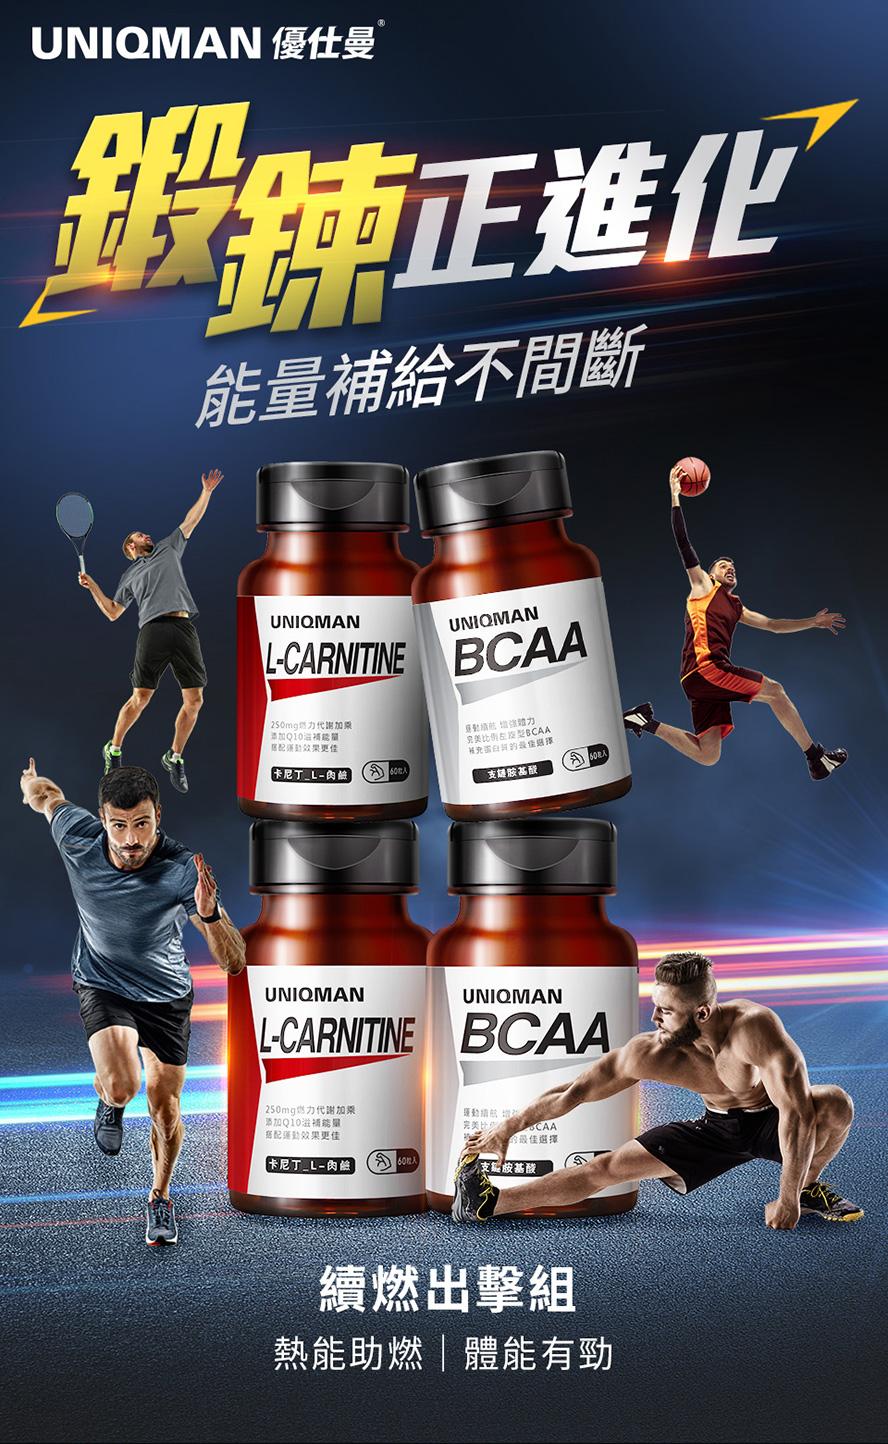 UNIQMAN續燃出擊組,包含肉鹼及BCAA,有助於促進燃脂、維持運動持久